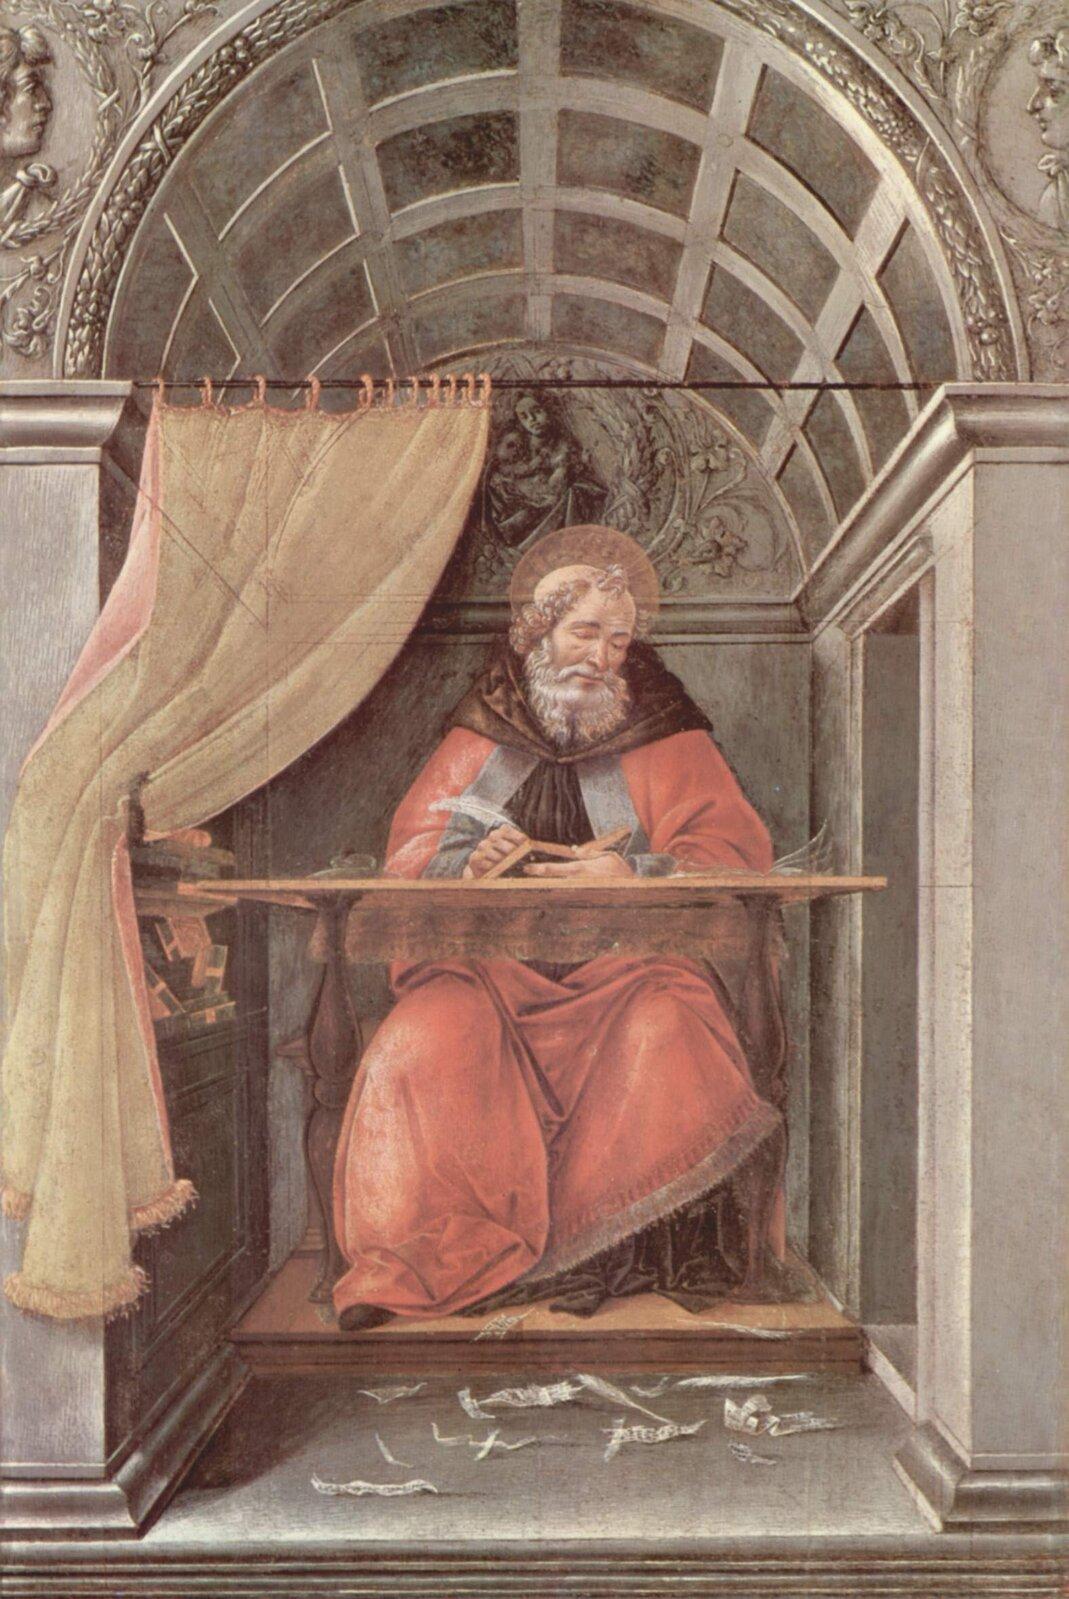 Św. Augustyn wceli Spróbuj wyjaśnić, dlaczego Botticelli przedstawił świętego wykonującego właśnie takie zajęcia. Źródło: Sandro Botticelli, Św. Augustyn wceli, 1490–1495, tempera na drewnie, Galleria degli Uffizi, Florencja, domena publiczna.